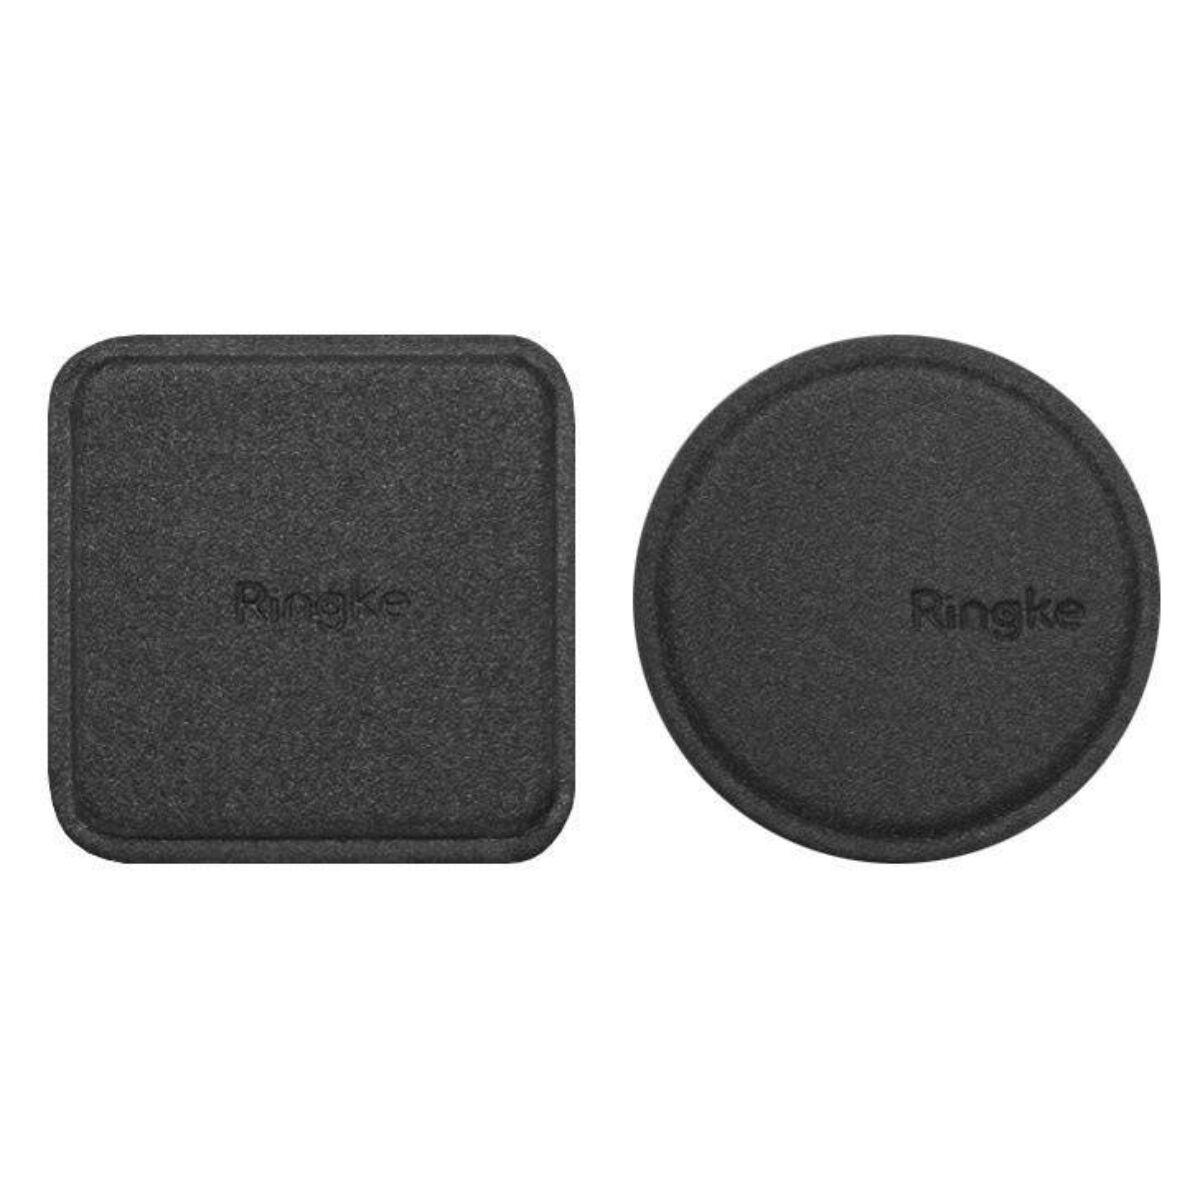 Ringke, Bőrborítású fémlap mágneses autós tartóhoz (1+1 csomag), fekete